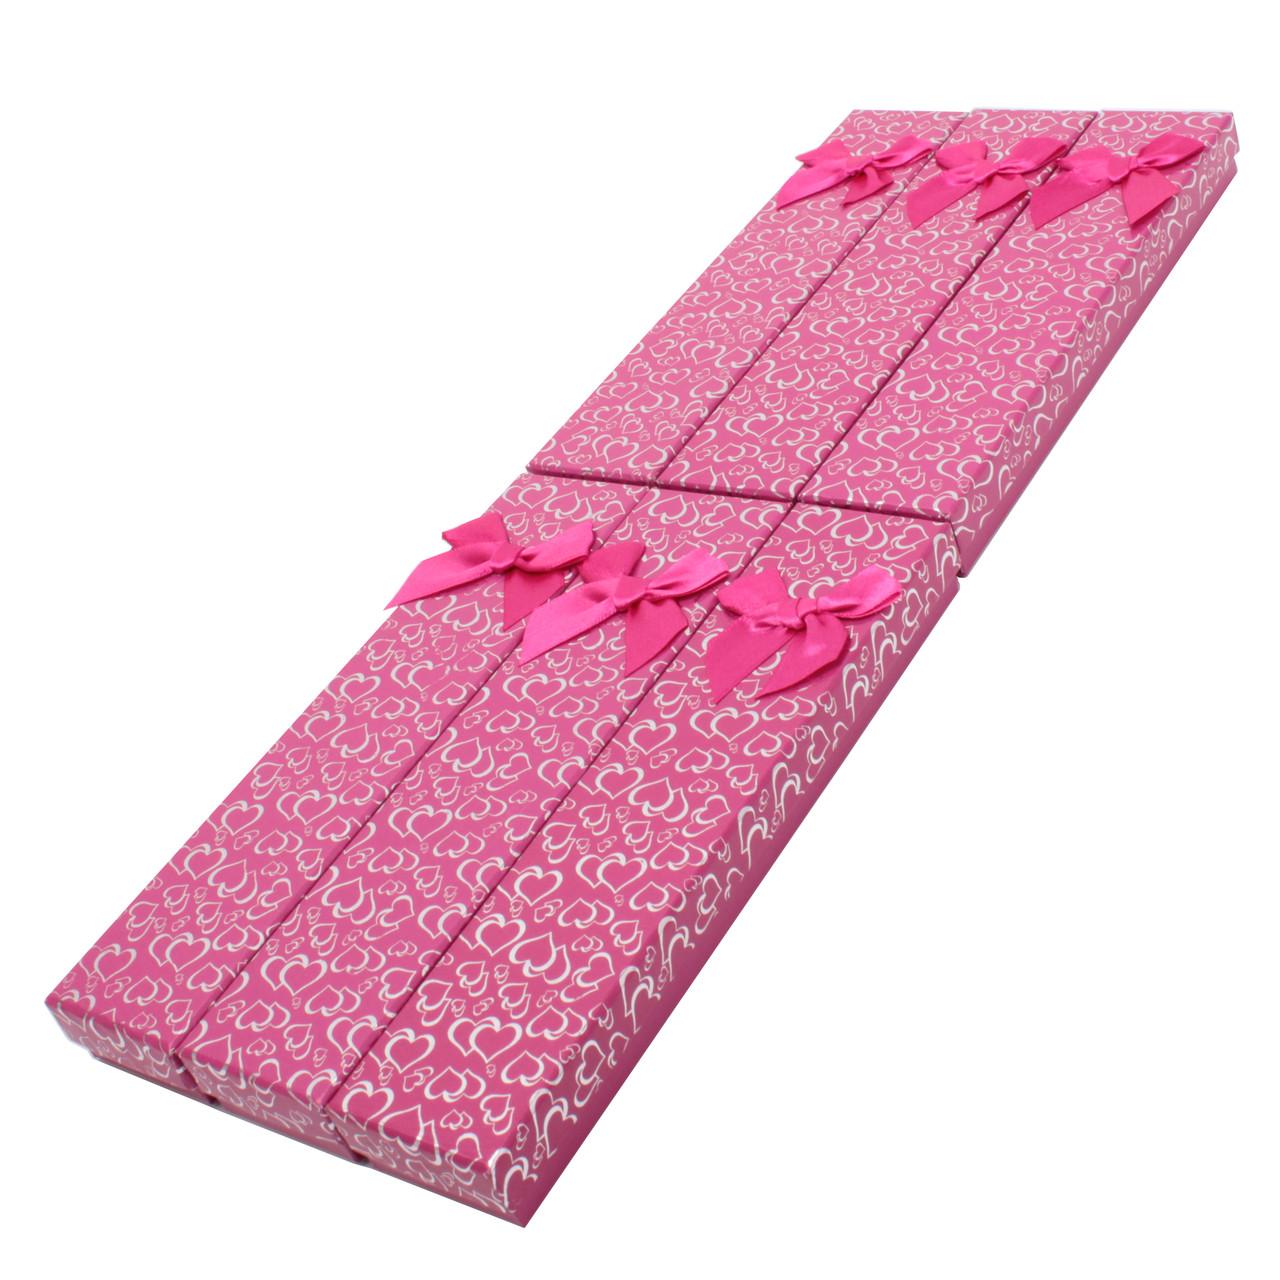 Подарочная коробочка под браслет или цепочку Сердечки с бантом фуксия 20,5*4,5*2 см